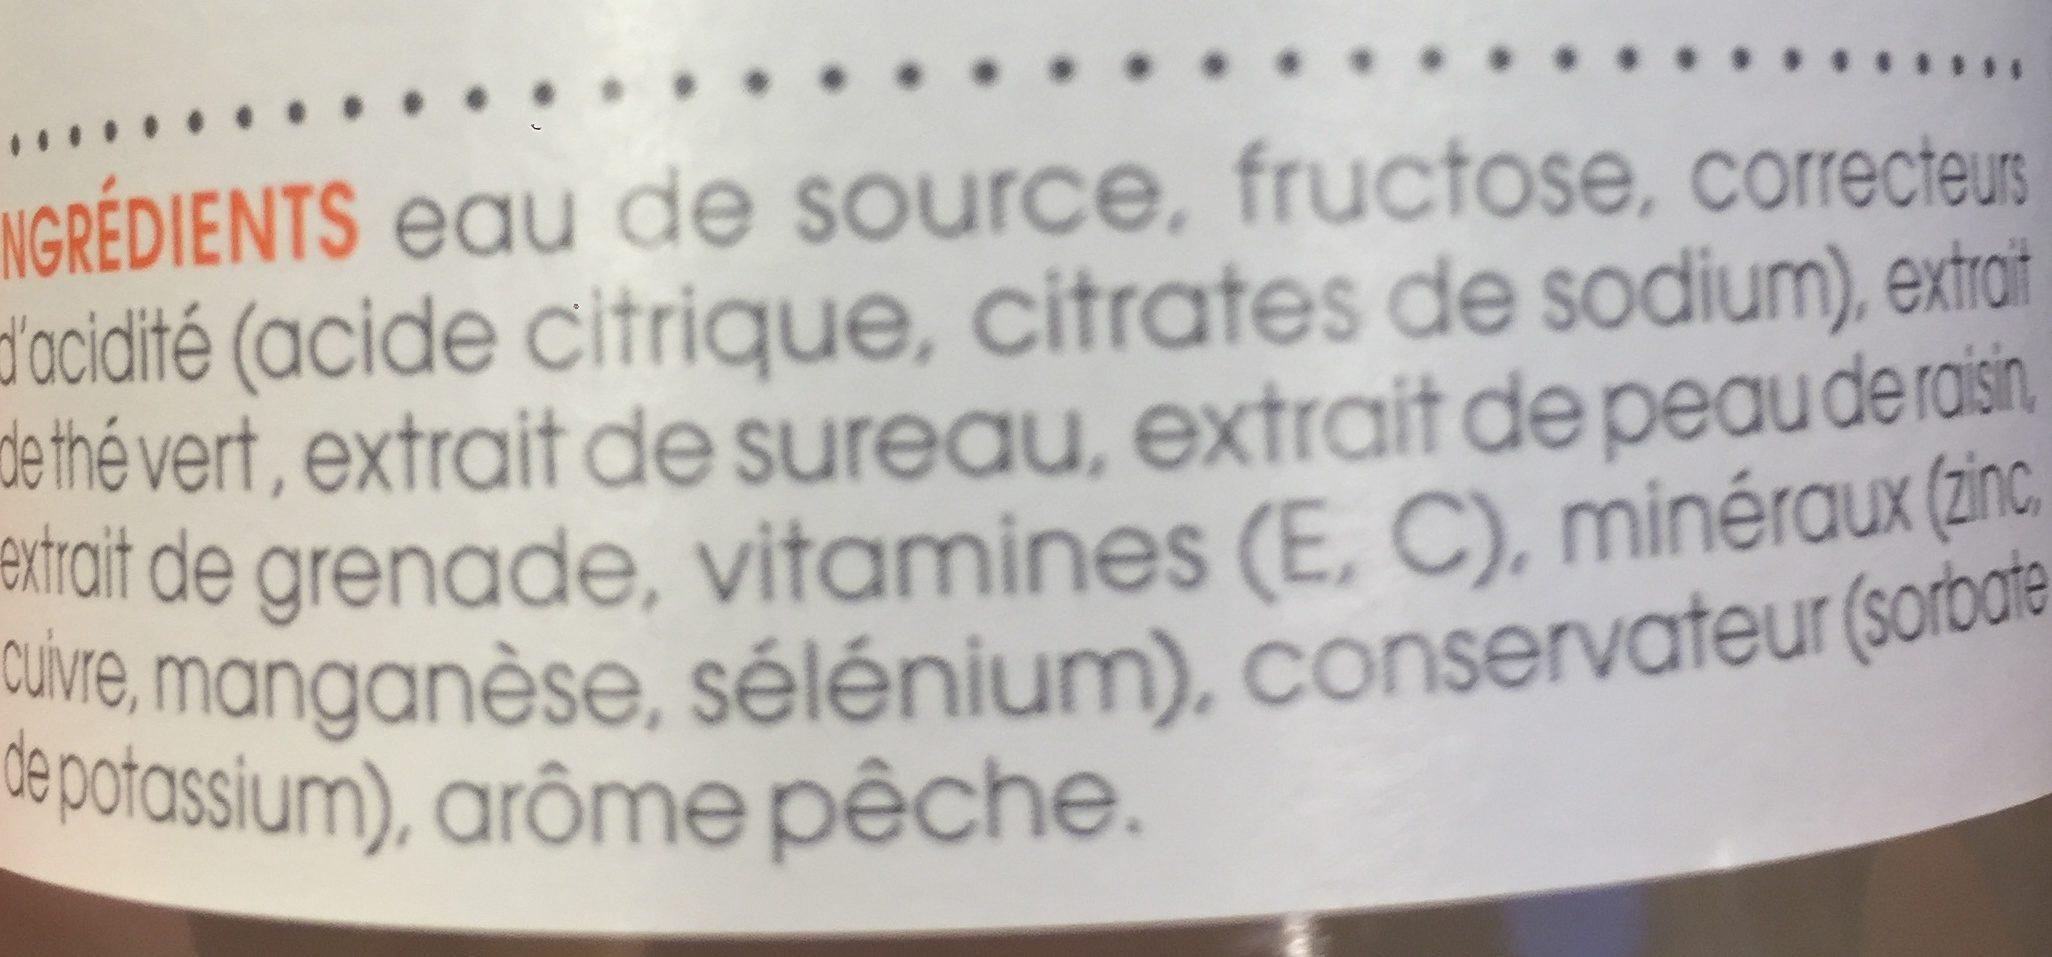 Antioxidant - Ingrediënten